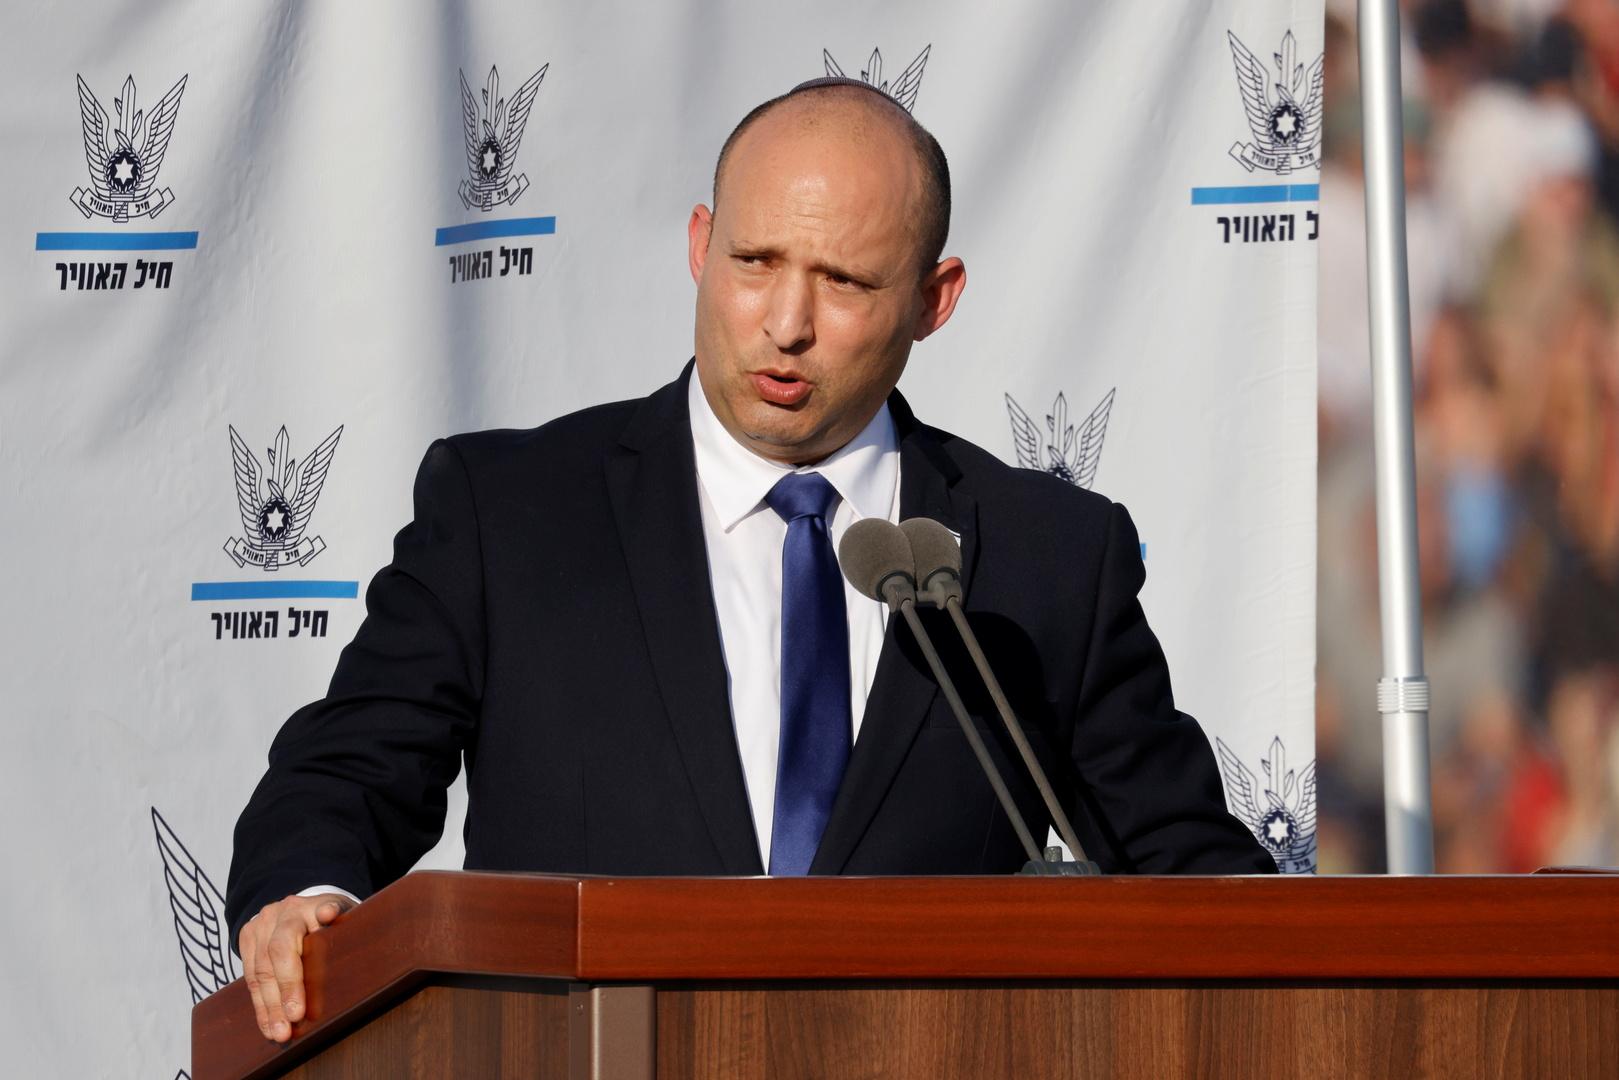 بينيت: تمت تسوية إرسال المنحة القطرية إلى غزة